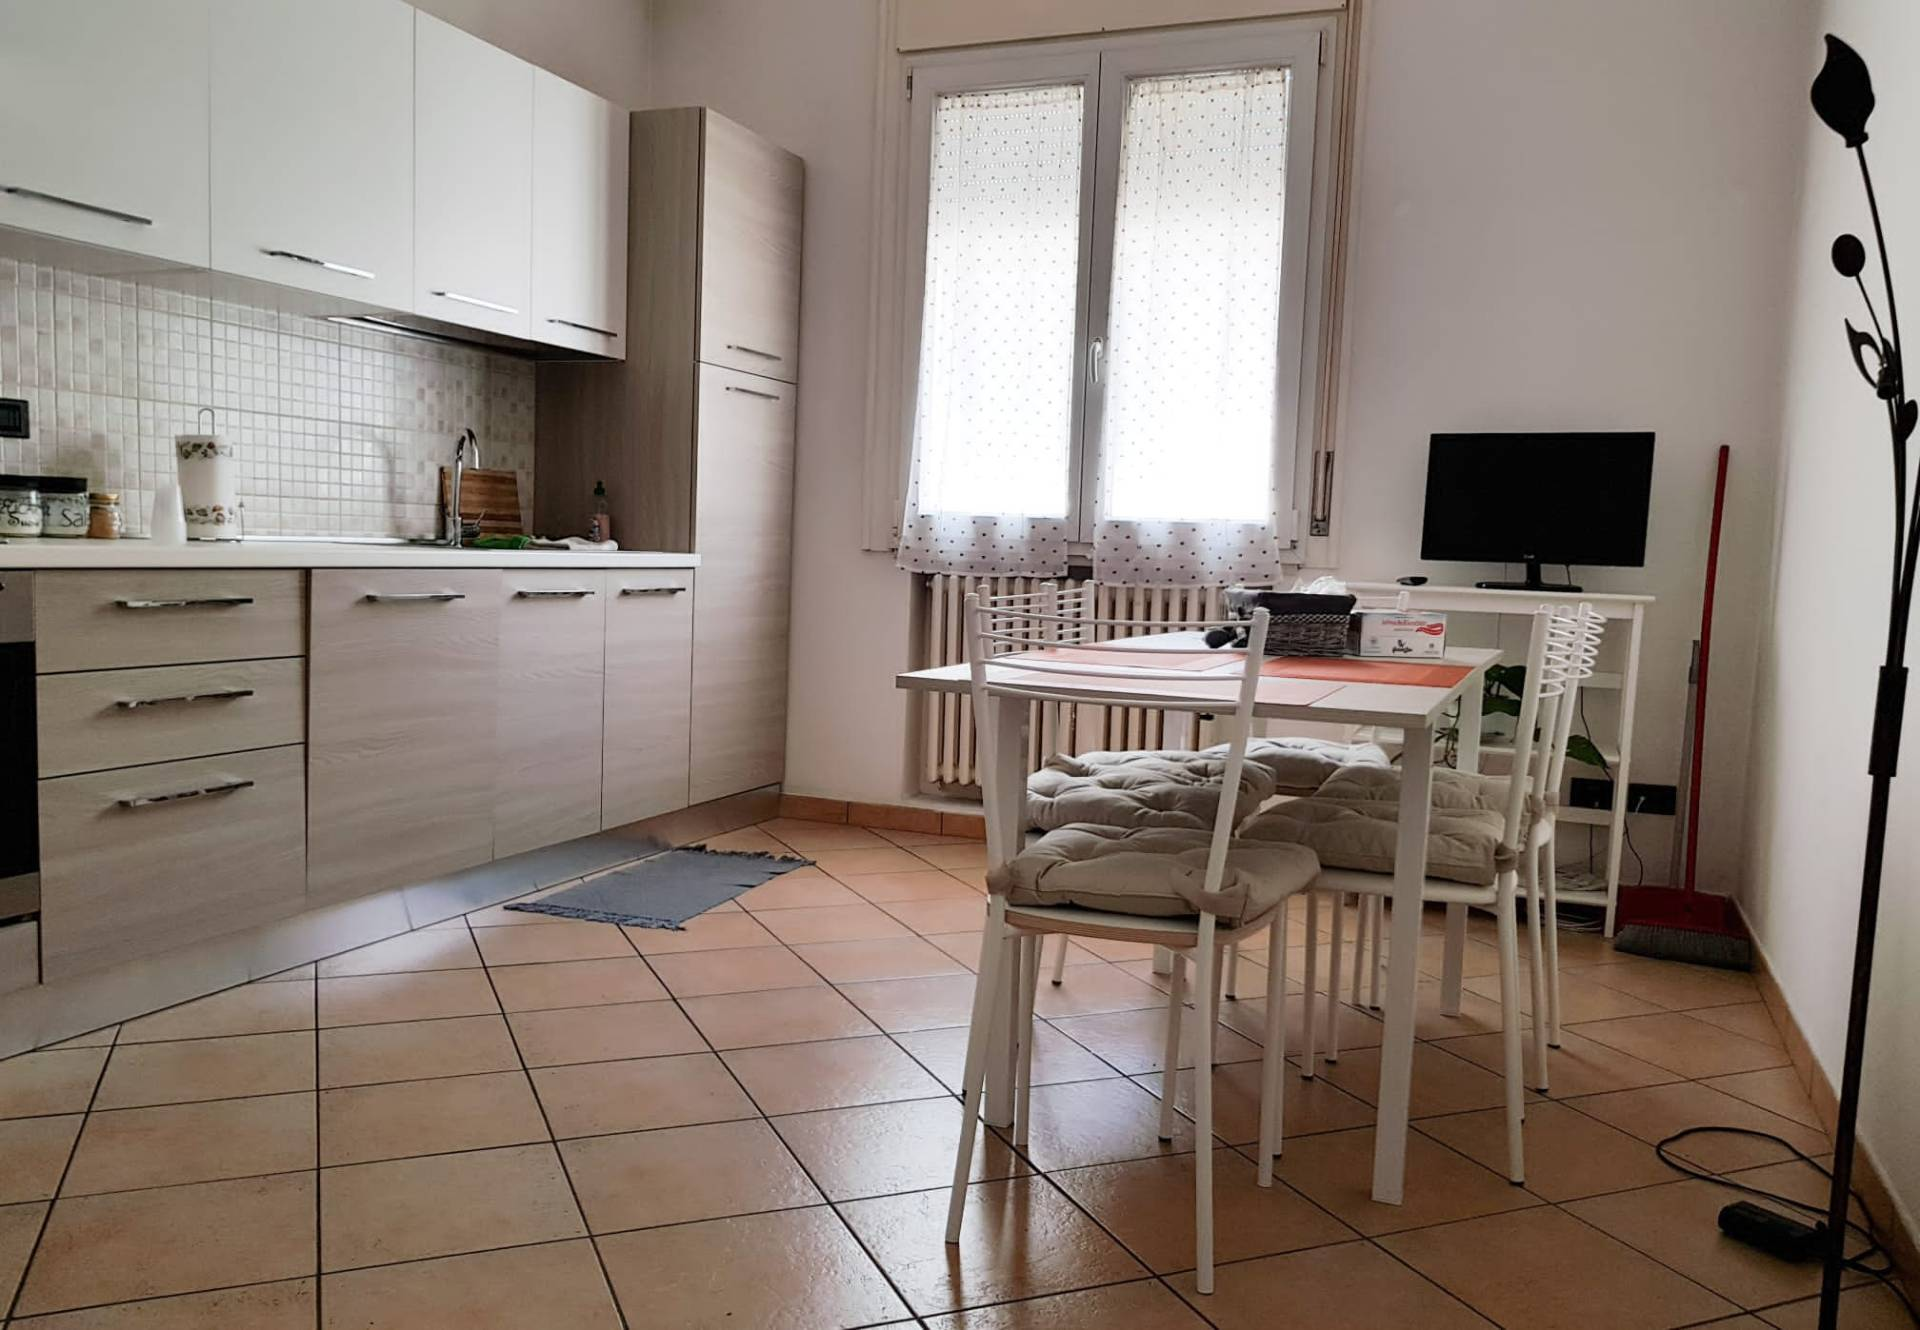 Appartamento in affitto a Massa Lombarda, 3 locali, zona Località: MassaLombarda, prezzo € 1.000 | CambioCasa.it